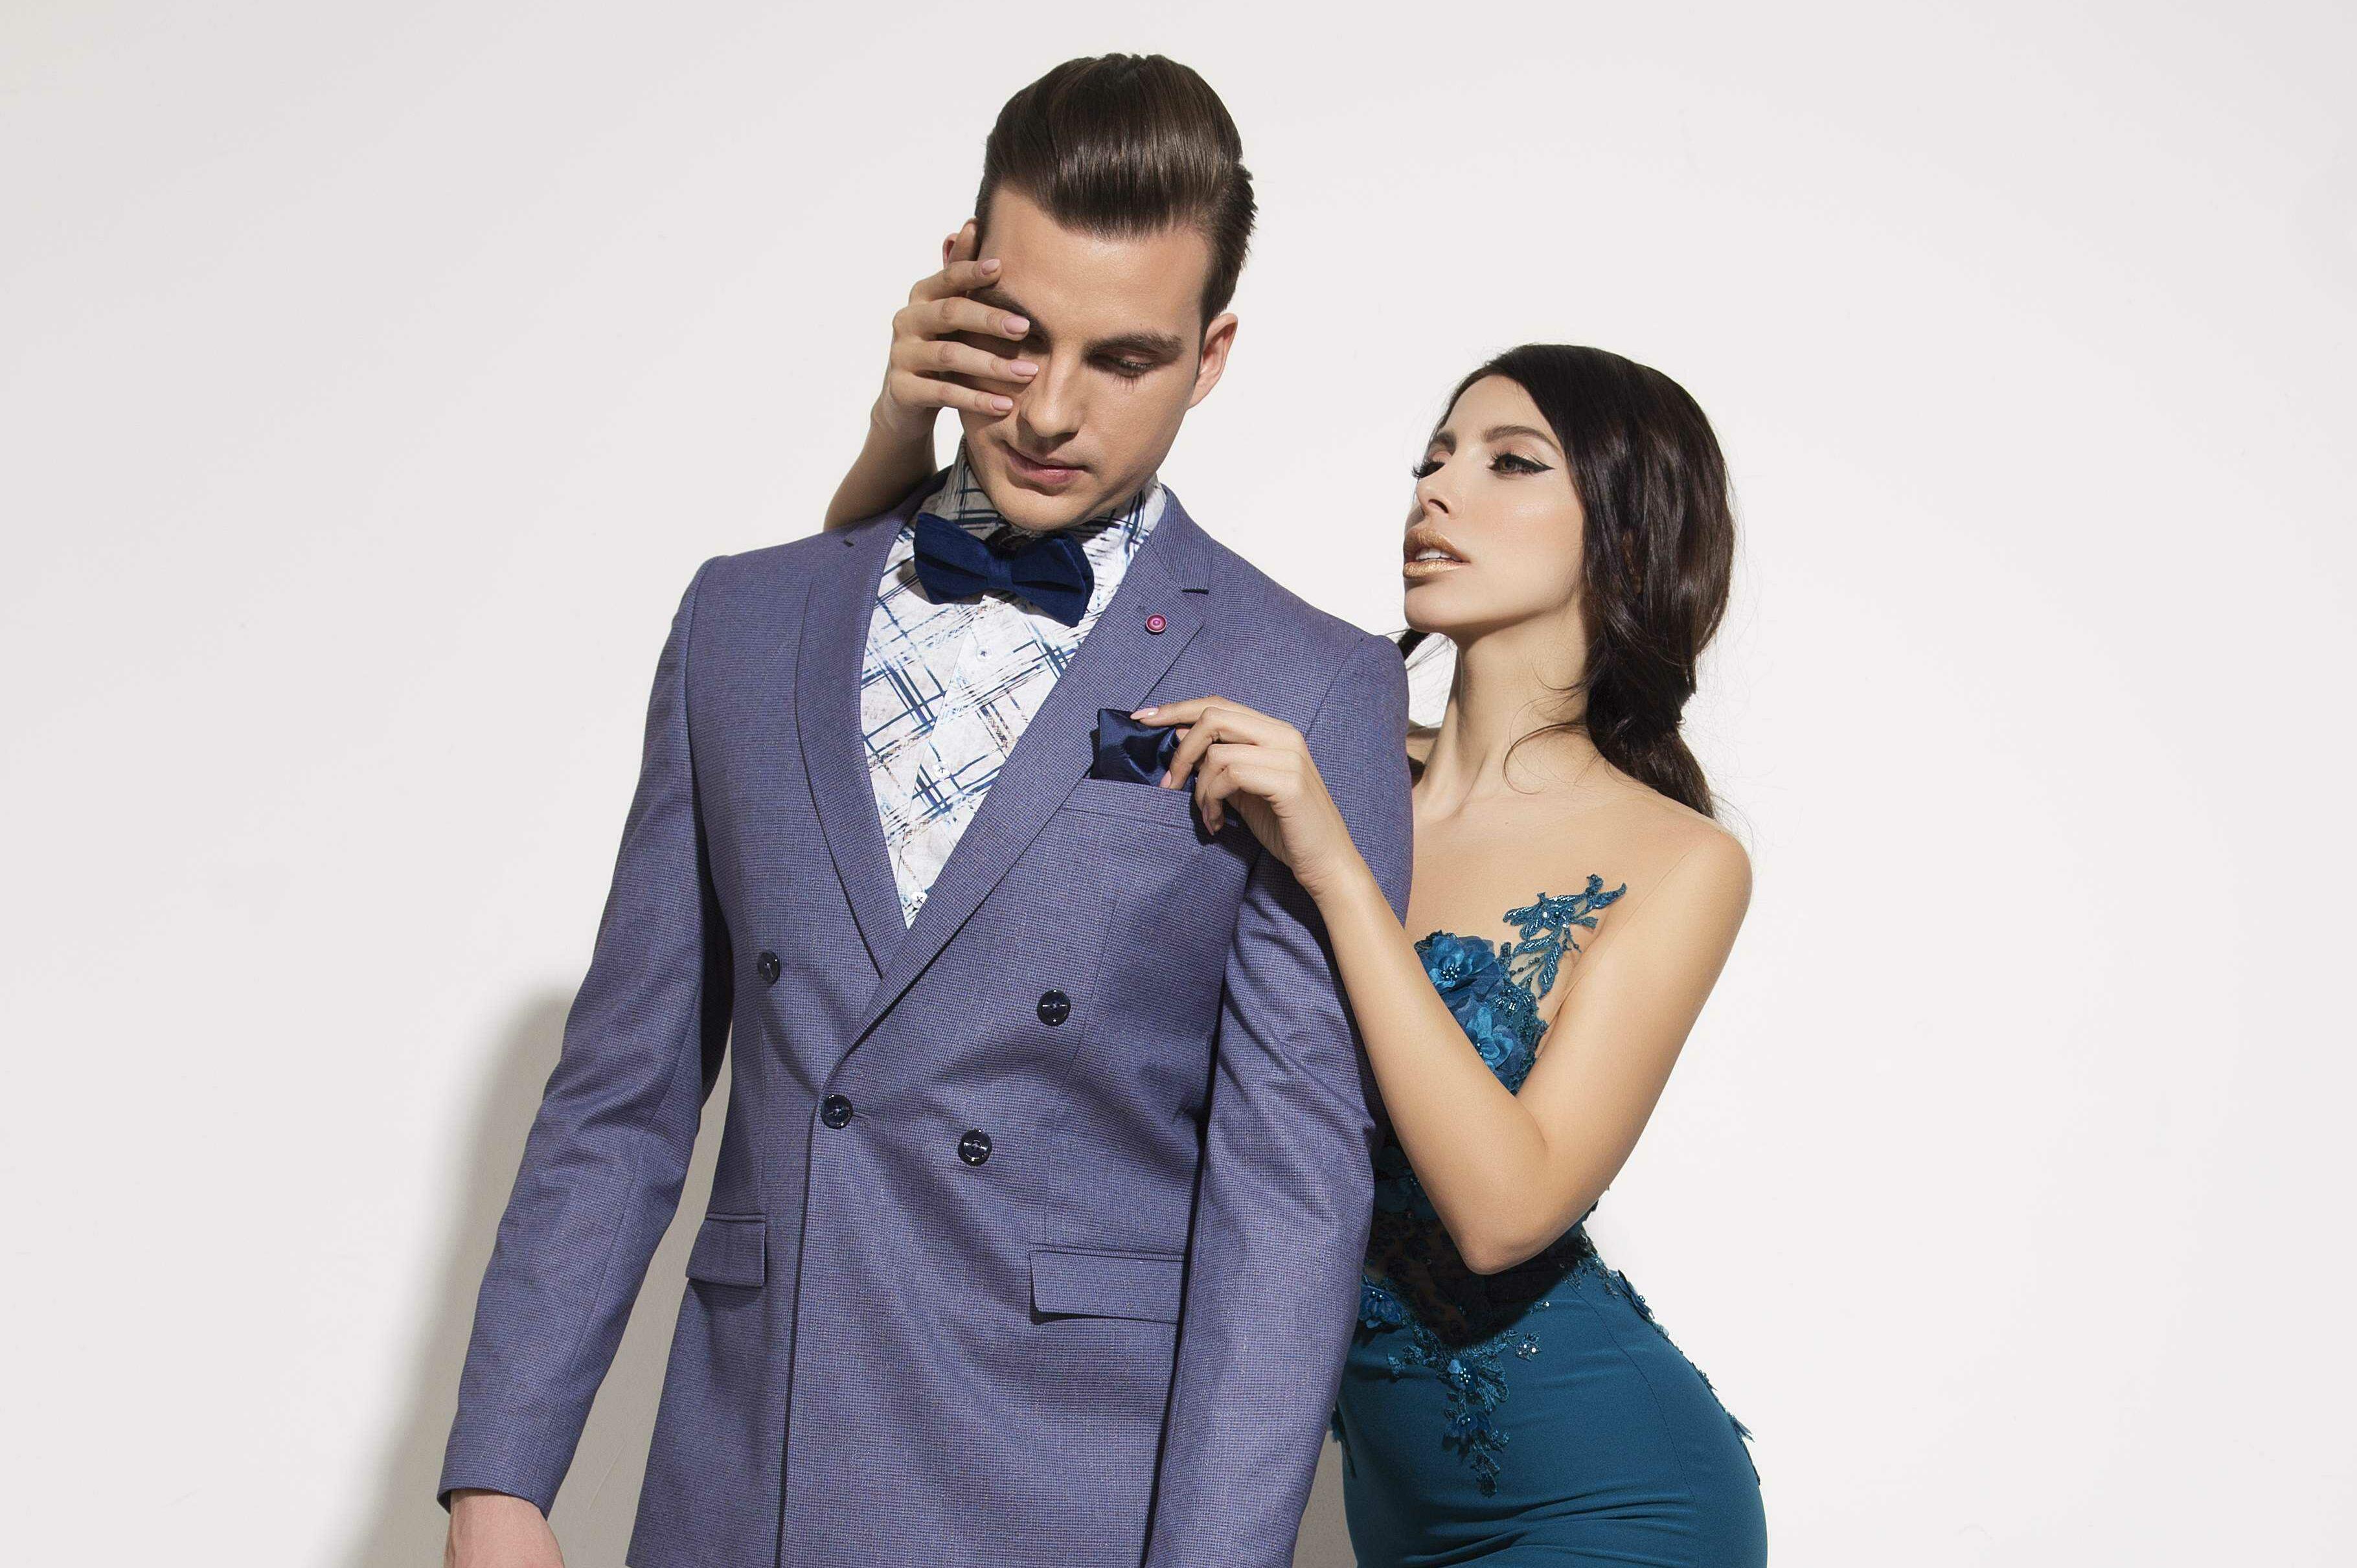 e2f34c44a759 Български и чуждестранни модни брандове и дизайнери представят актуални  колекции - Новини 24 7